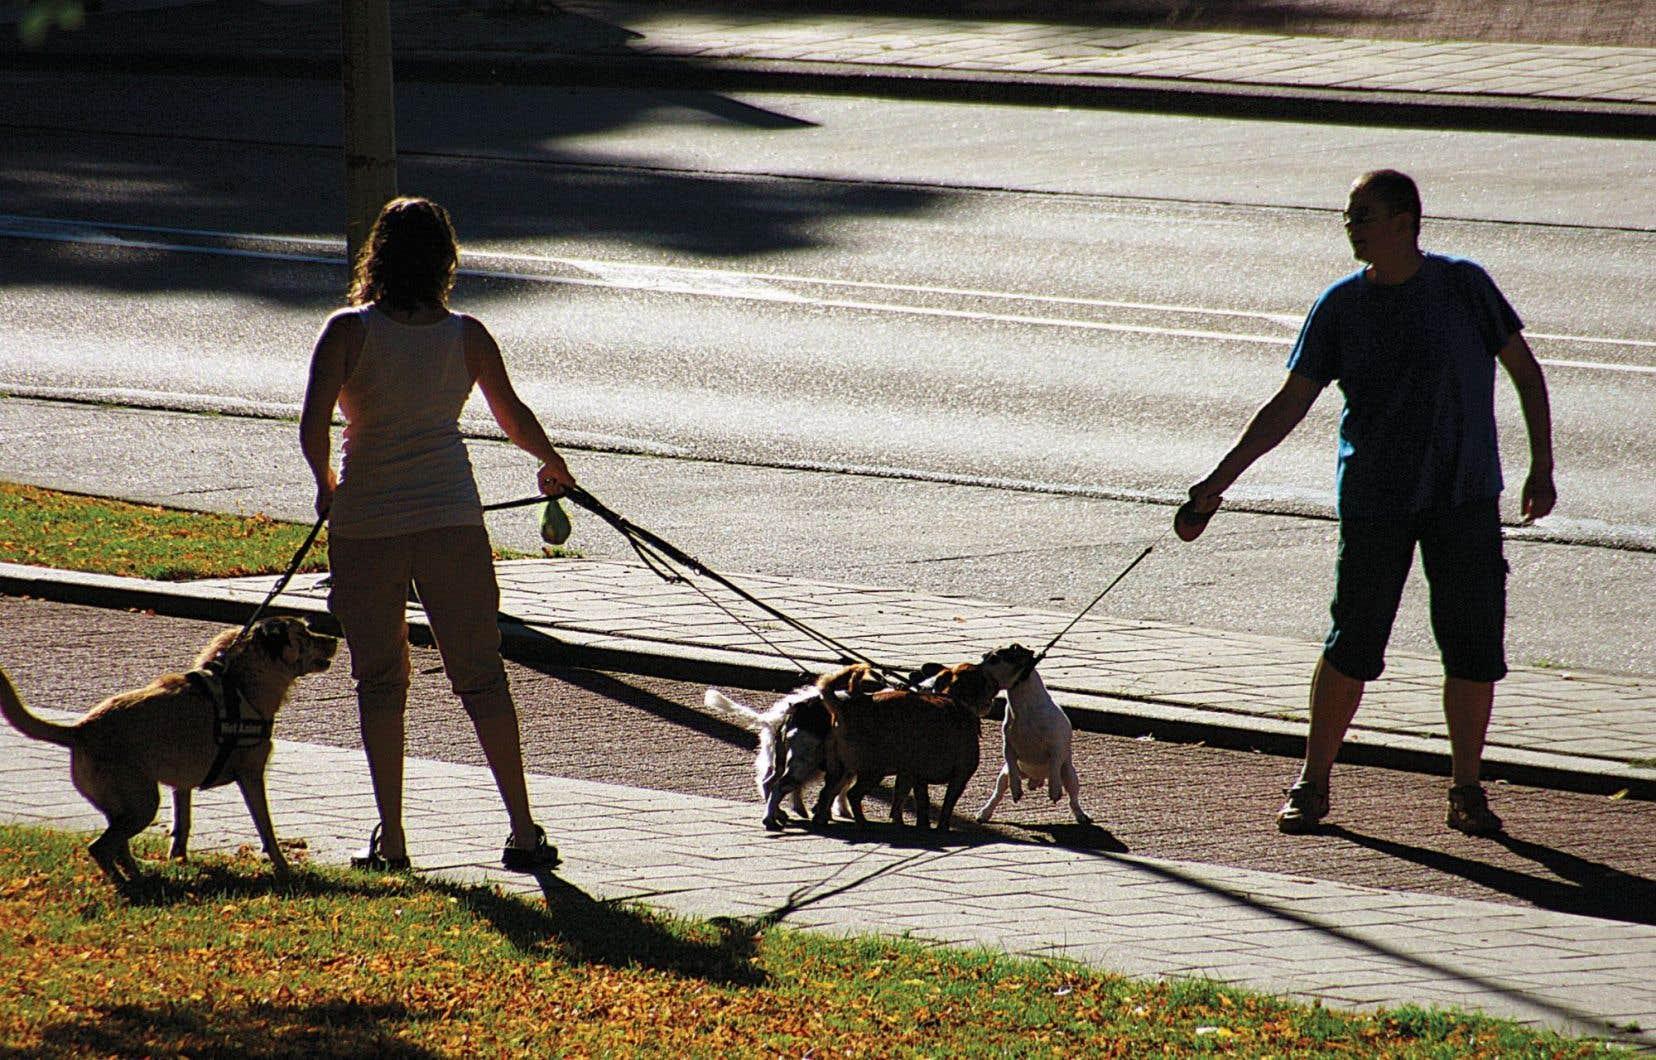 De plus en plus de sites investissent cette niche où l'animal domestique se fait l'intermédiaire dans la rencontre humaine.